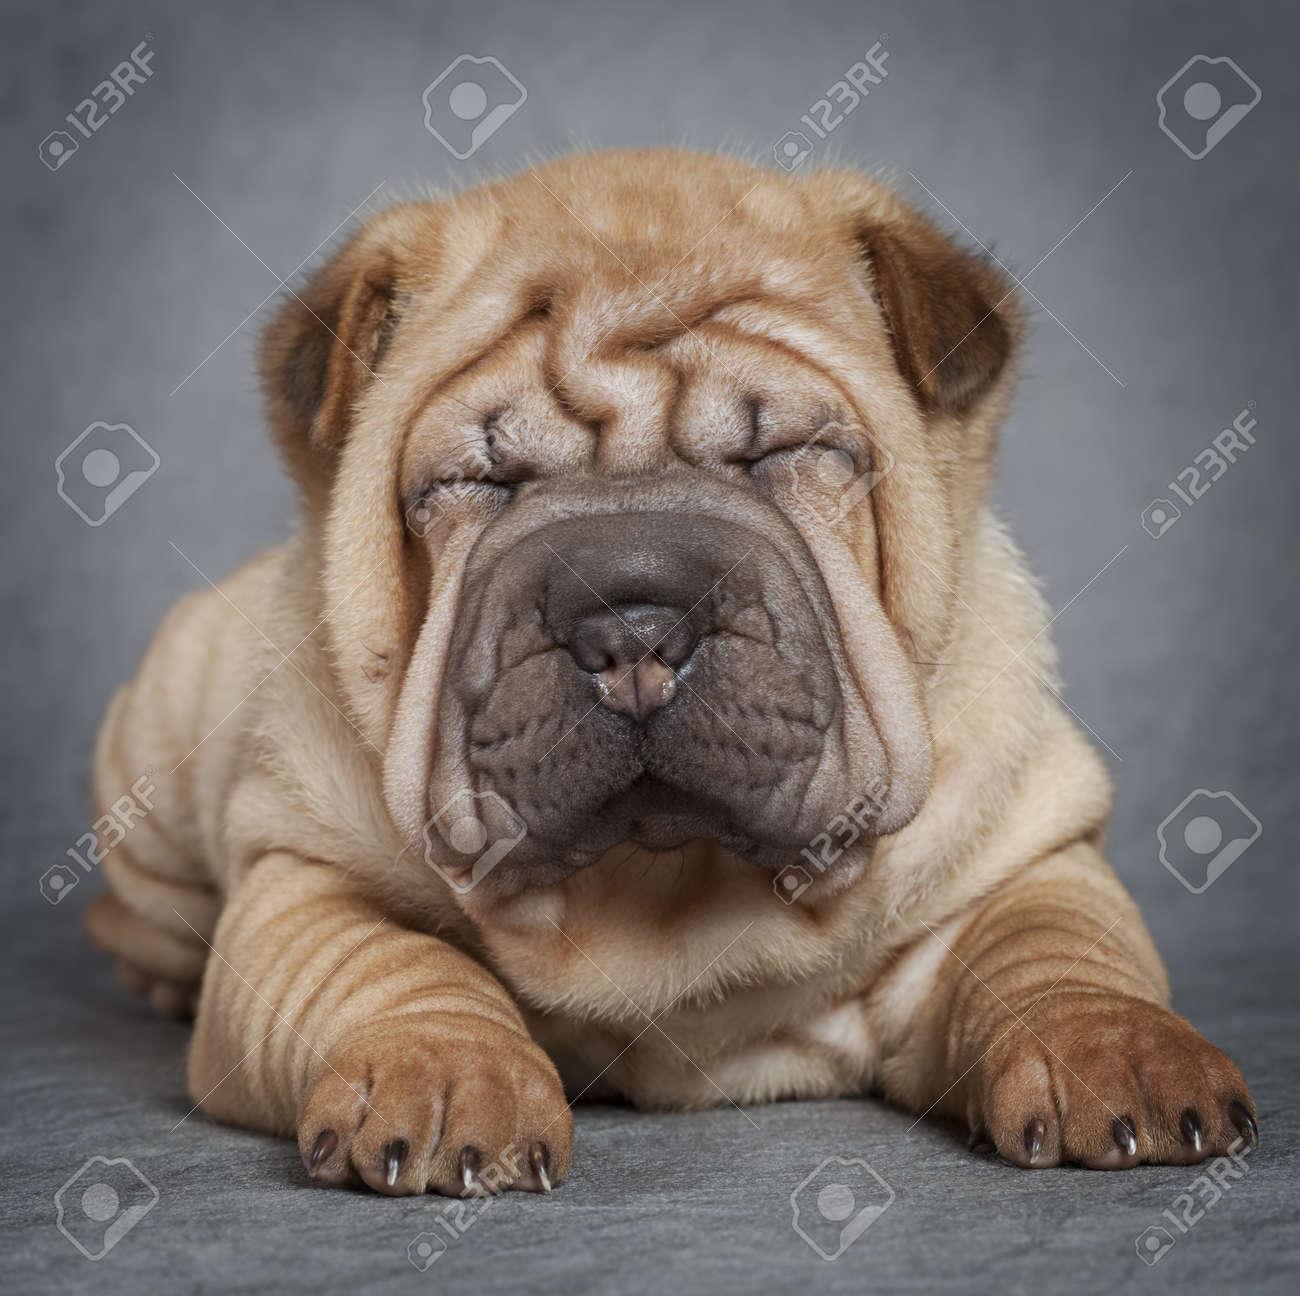 Portrait of sharpei puppy dog against grey background - 16877404